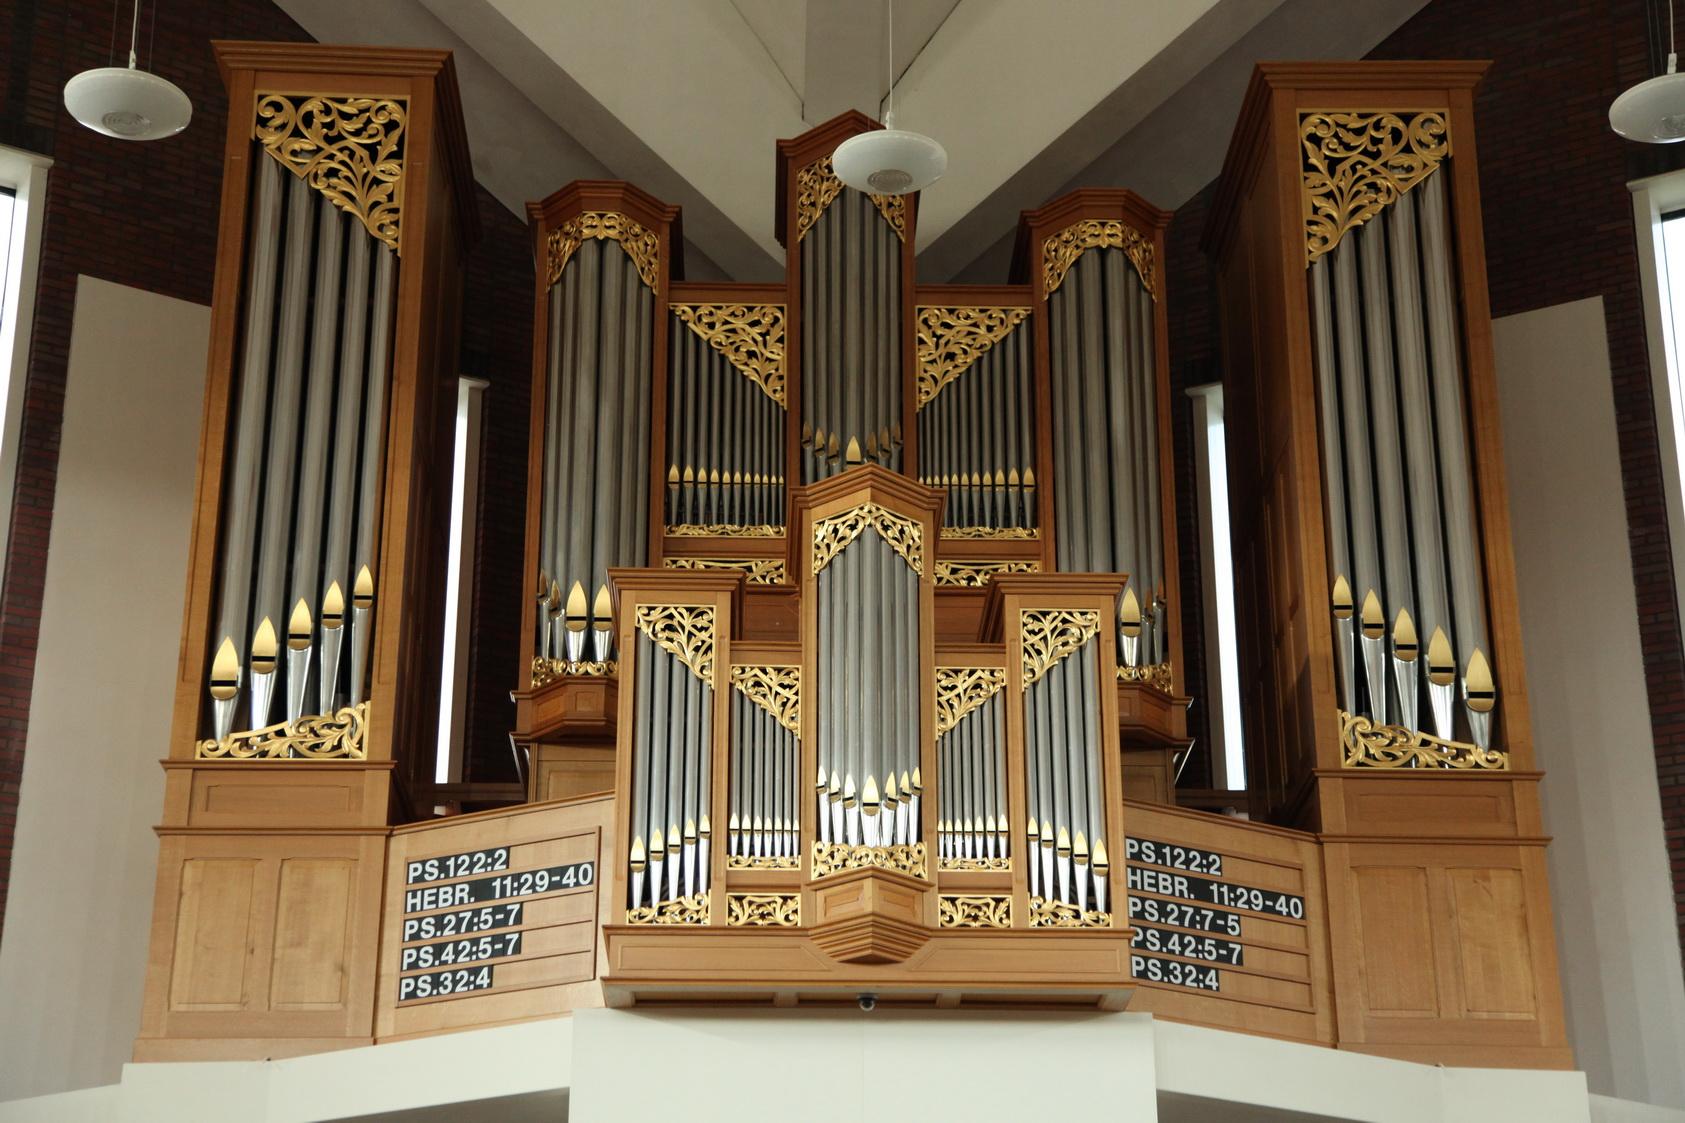 Het Hendriksen & Reitsma-orgel uit 2004 in de Jachin en Boaz kerk van de Gereformeerde Gemeente in Genemuiden